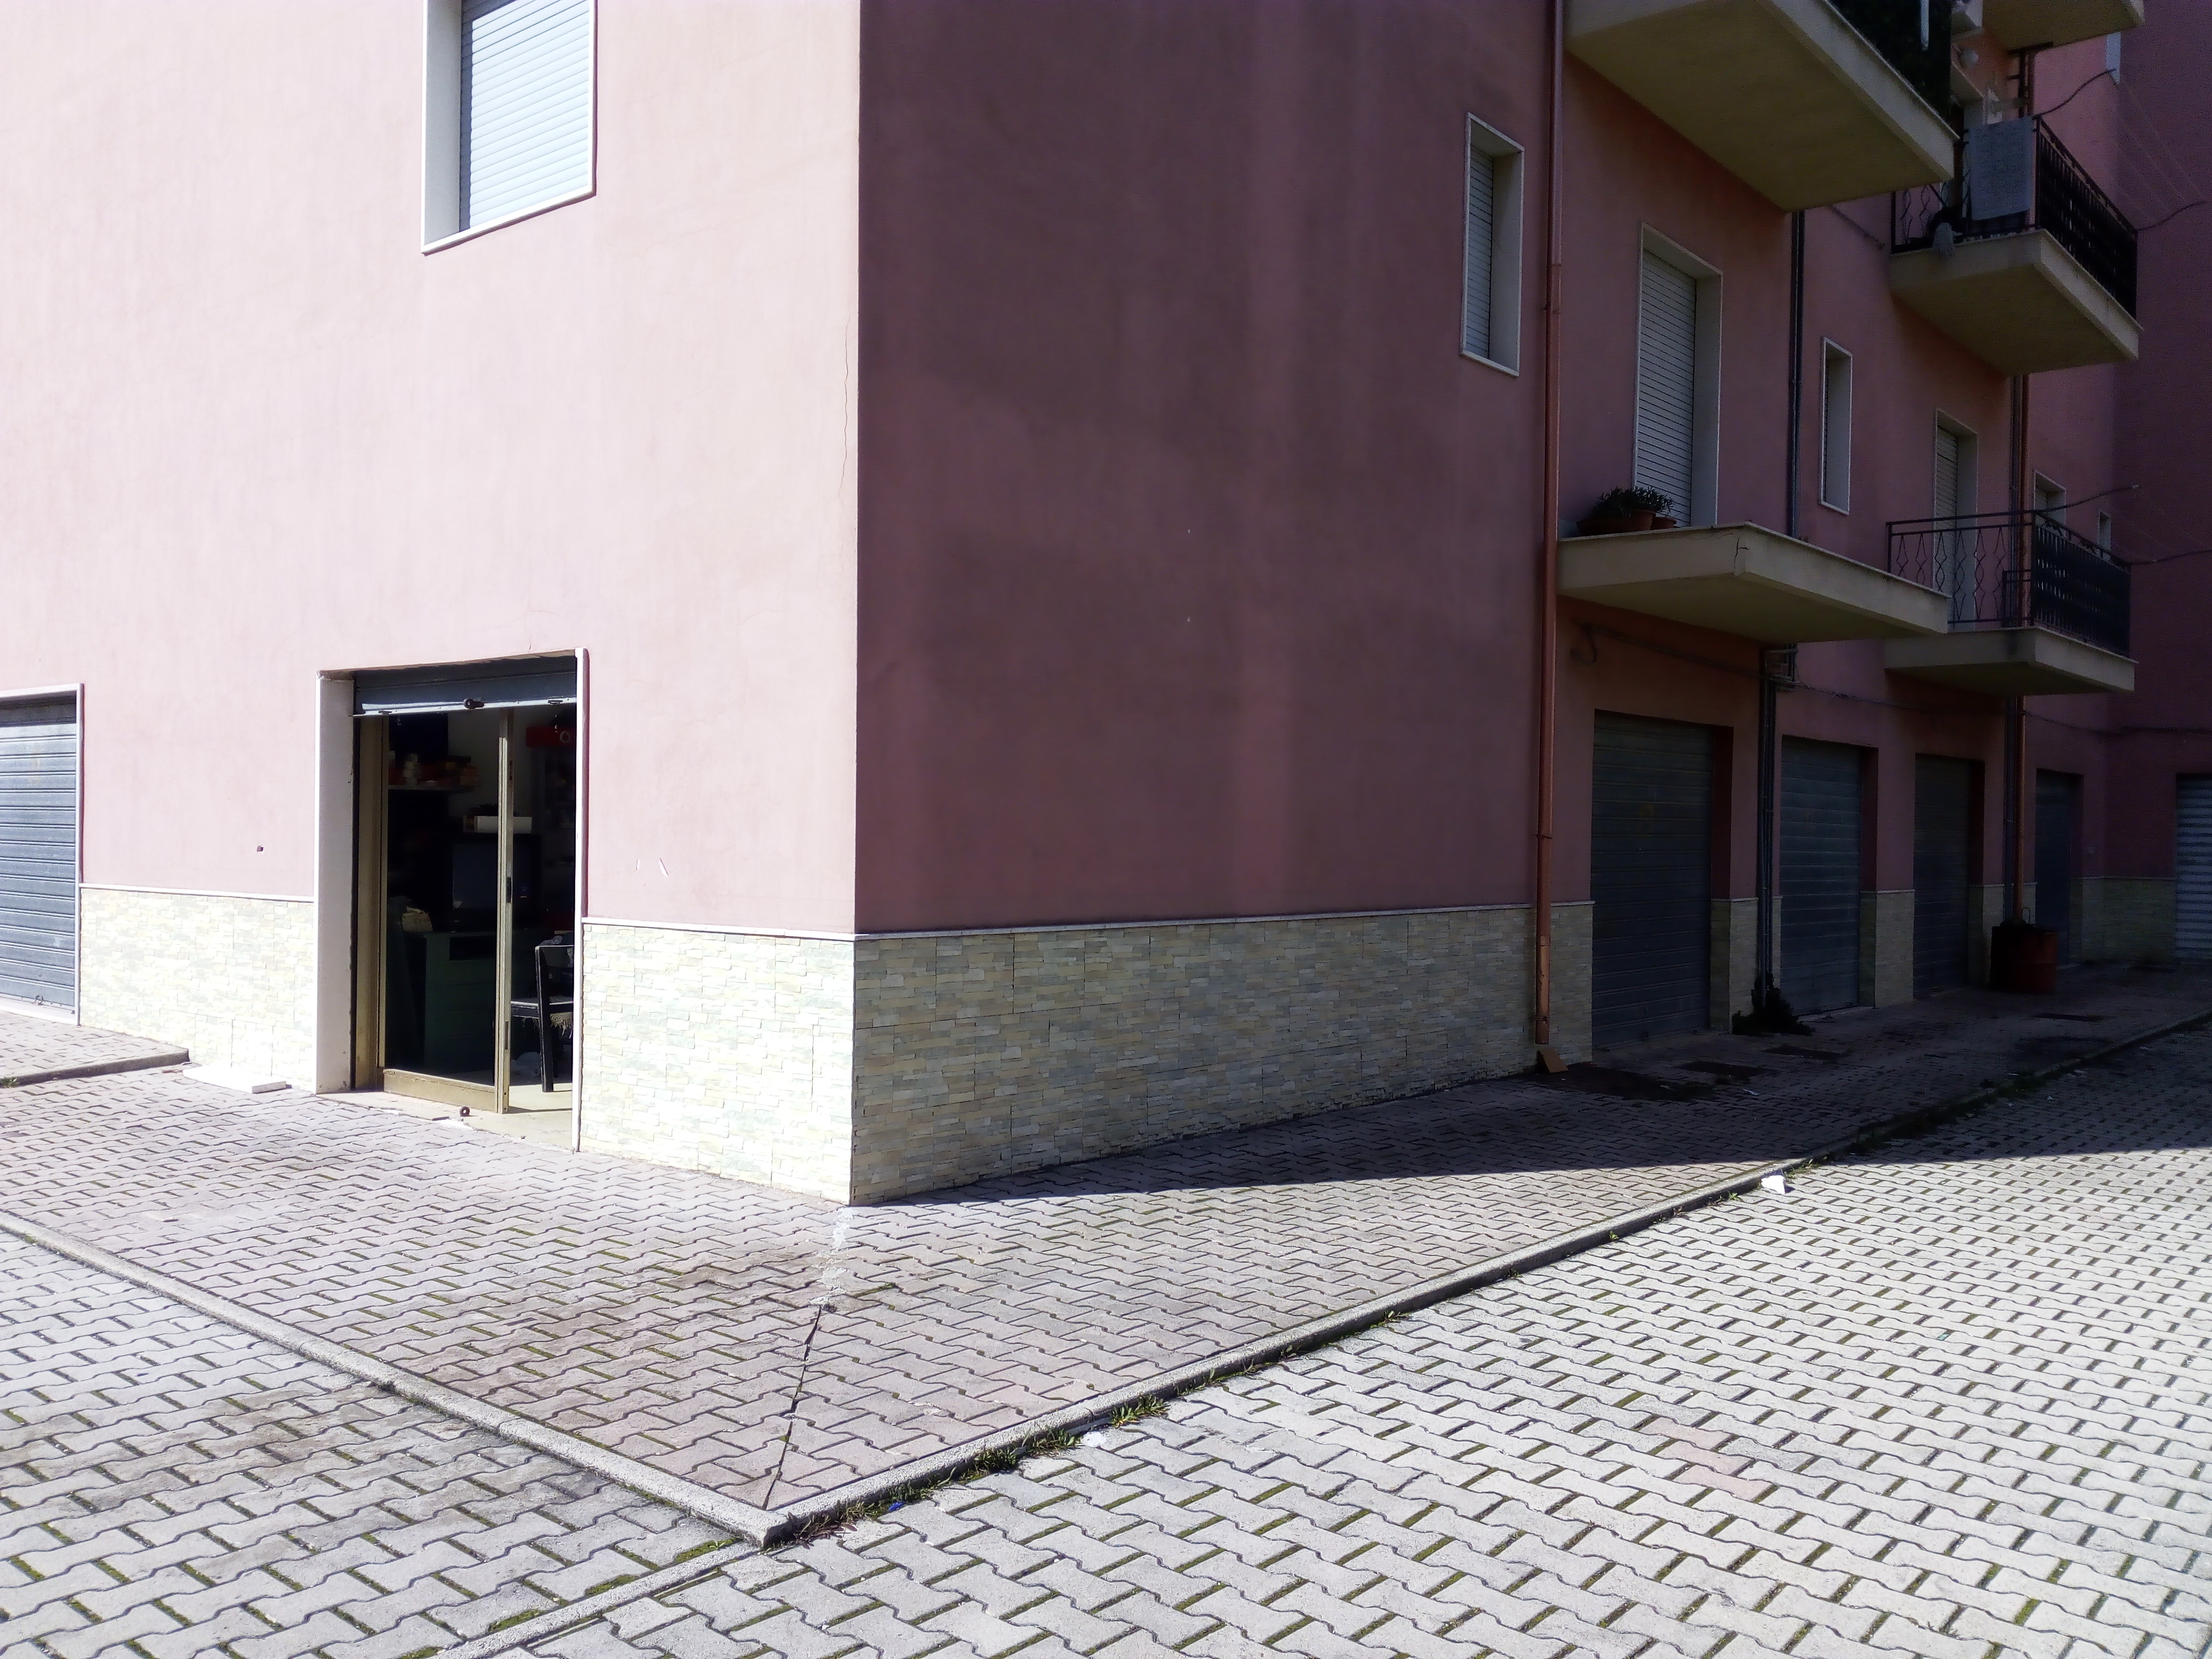 Ufficio / Studio in vendita a Vico del Gargano, 2 locali, zona Località: ConventoeFontanelle, prezzo € 50.000 | CambioCasa.it